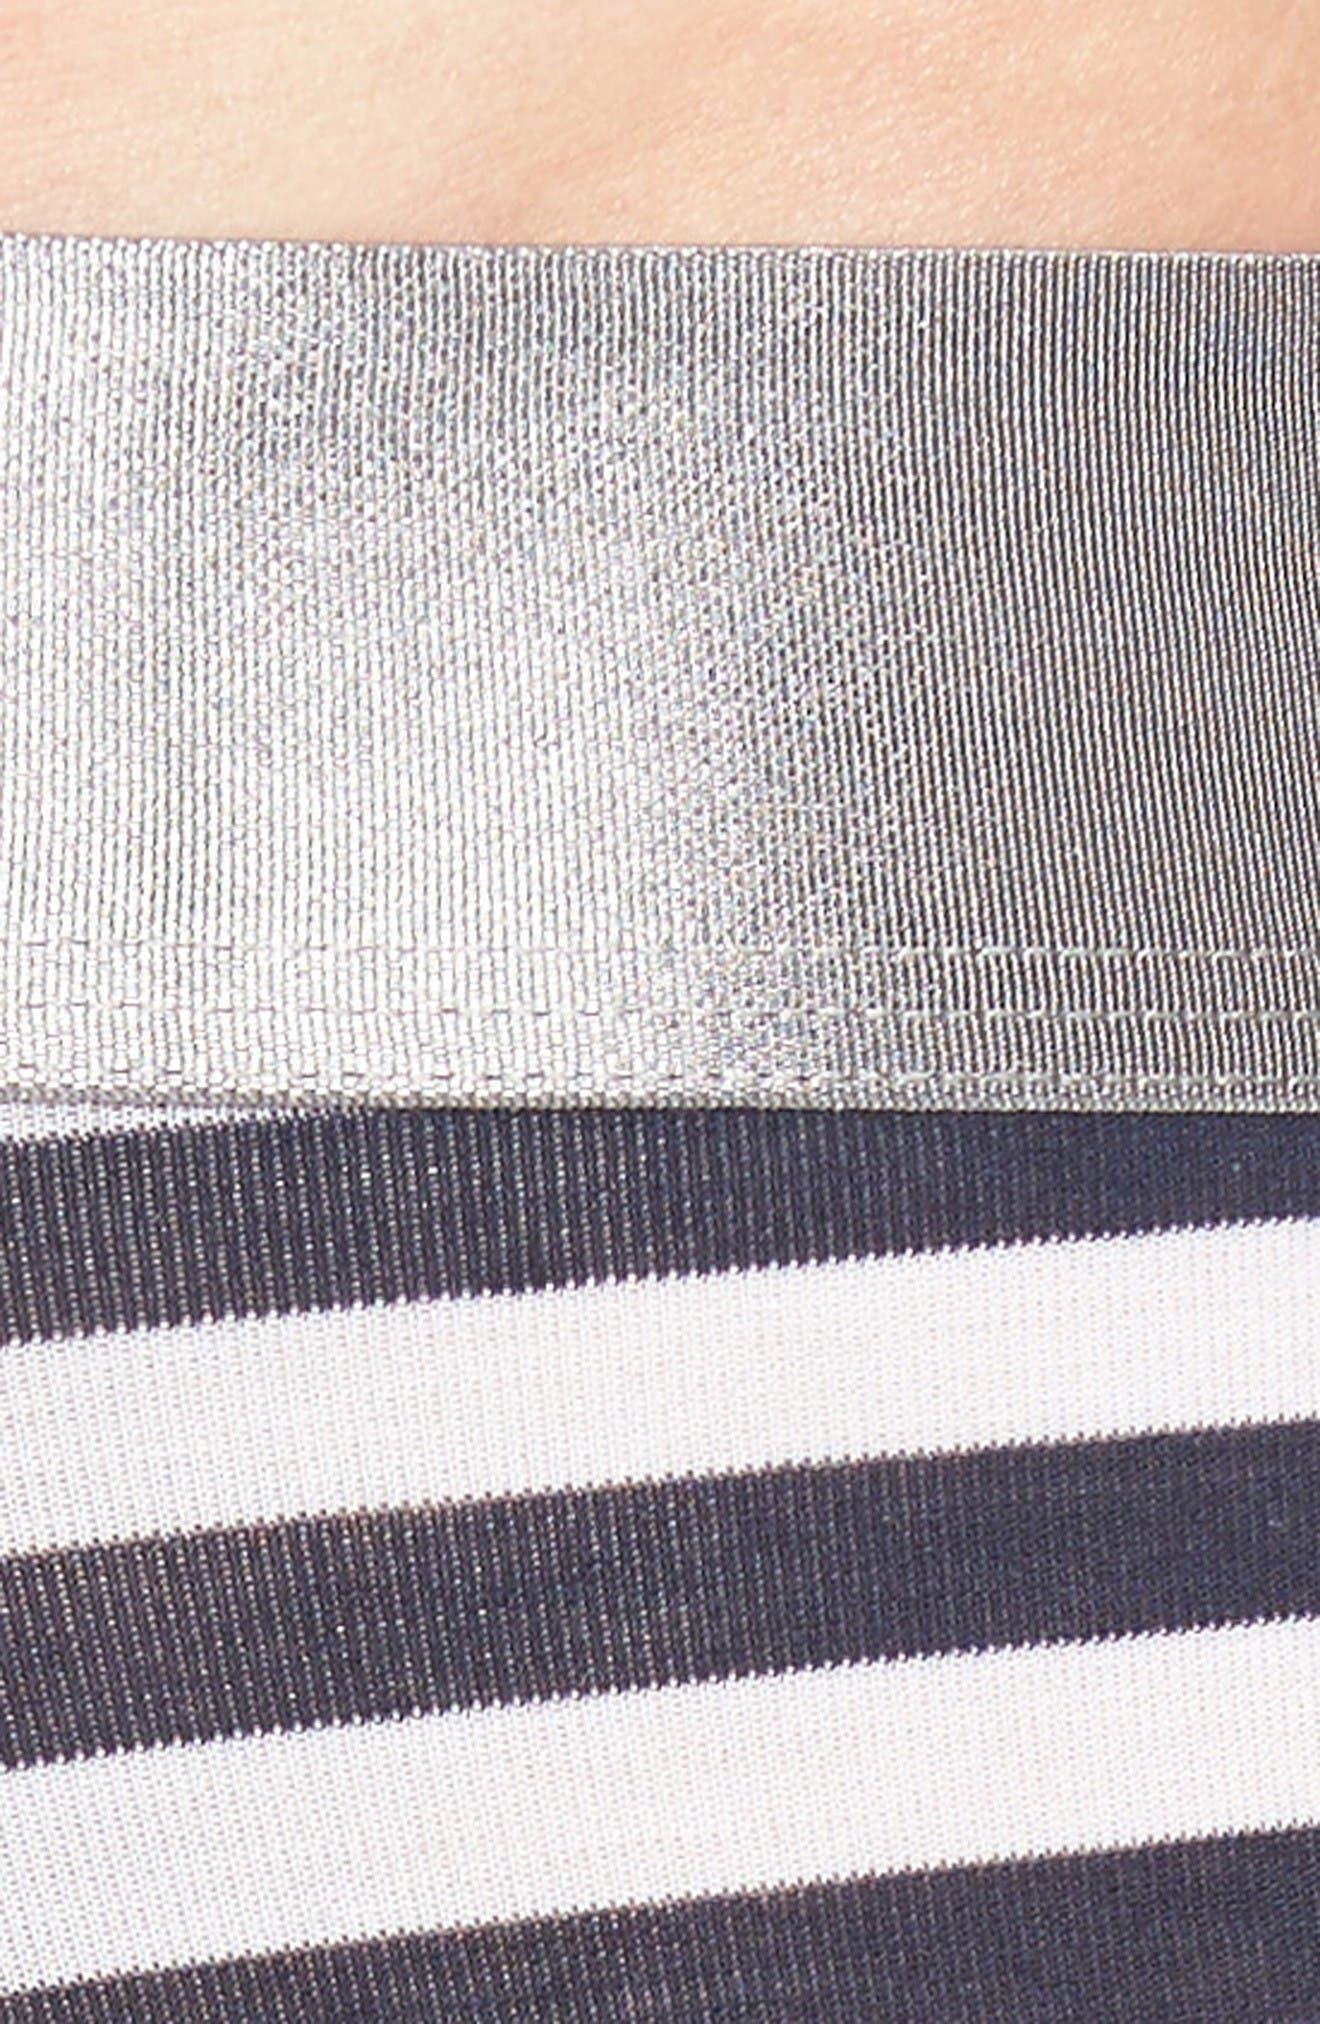 Second Skin Titanium Boxer Briefs,                             Alternate thumbnail 4, color,                             Dress Blues Stripe